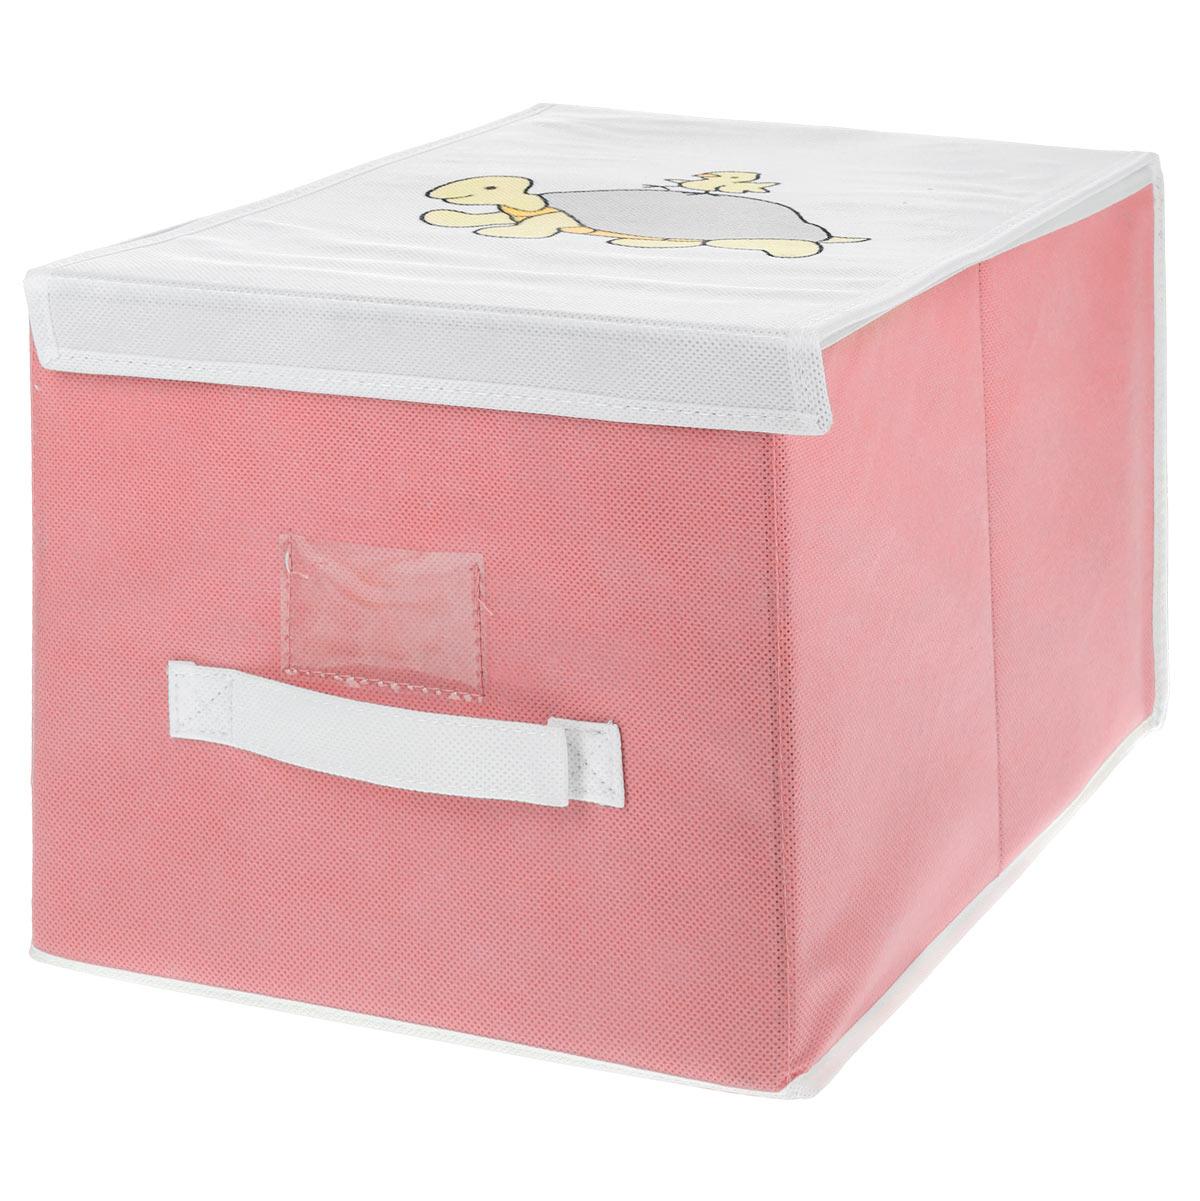 Чехол для хранения Voila Baby, цвет: розовый, 30 см х 40 см х 25 см3331_прозрачныйЧехол Voila Baby выполнен из дышащего нетканого материала (полипропилен), безопасного в использовании. Изделие предназначено для хранения вещей. Он защитит вещи от повреждений, пыли, влаги и загрязнений во время хранения и транспортировки. Чехол идеально подходит для хранения детских вещей и игрушек. Жесткий каркас из плотного толстого картона, обеспечивает устойчивость конструкции. Изделие оформлено красочным изображением. Закрывается на липучки.